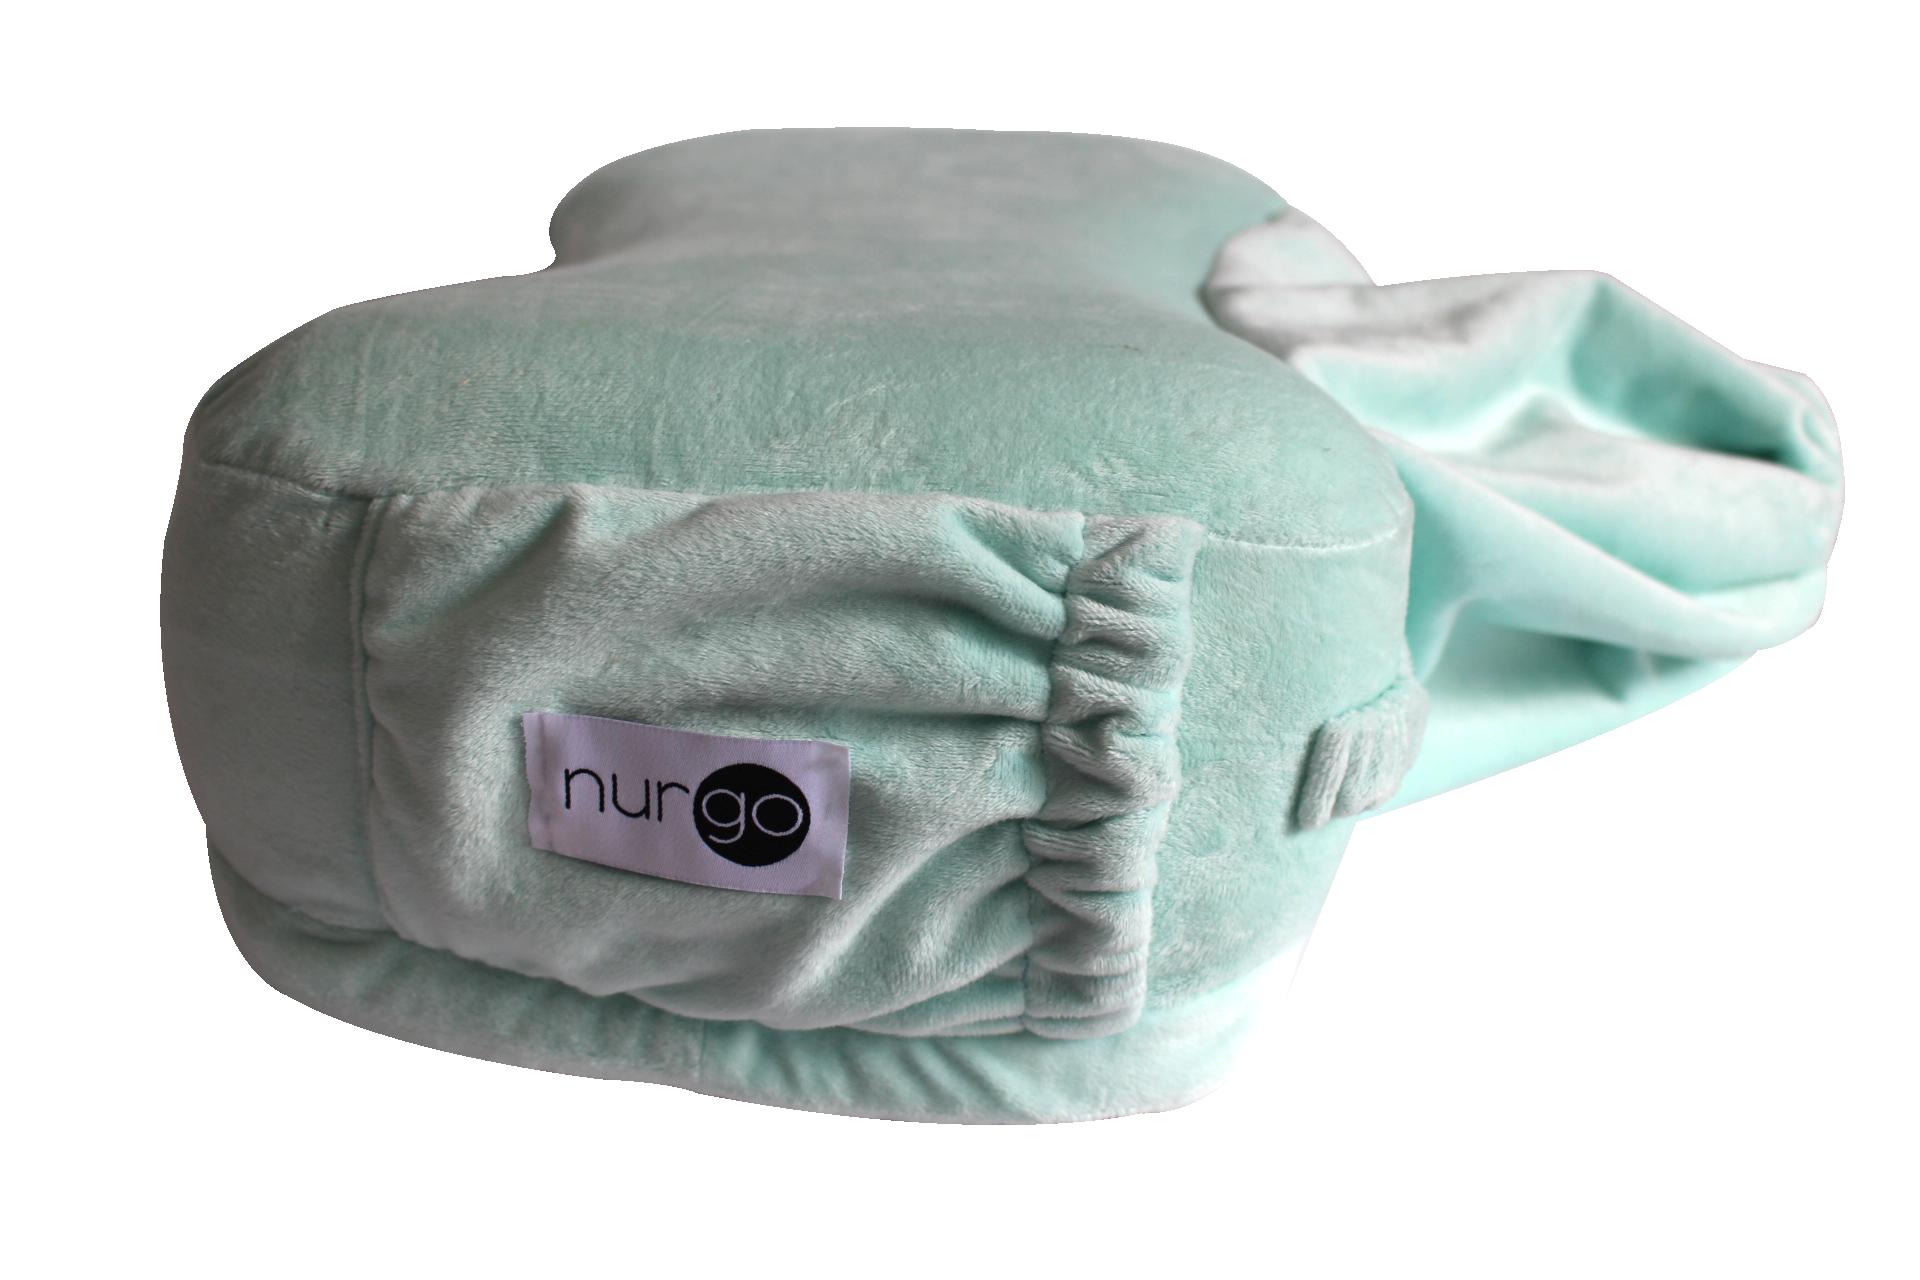 Nurgo Side Pocket